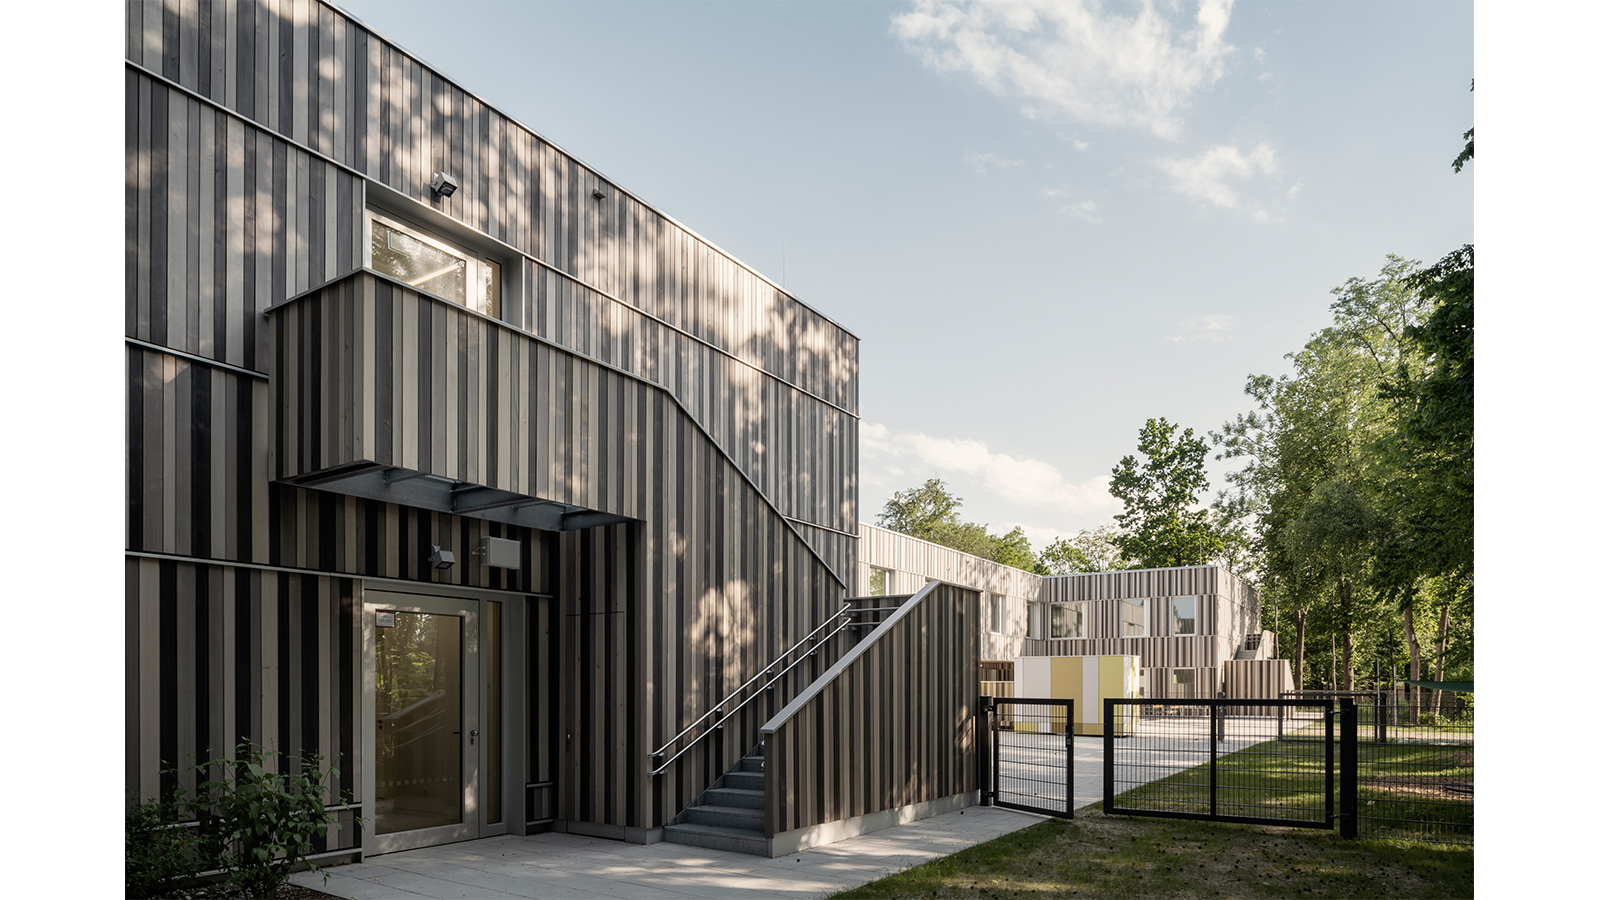 h2m-architekten-kinder-und-jugendpsychiatrie-garten-baumbestand-treppe